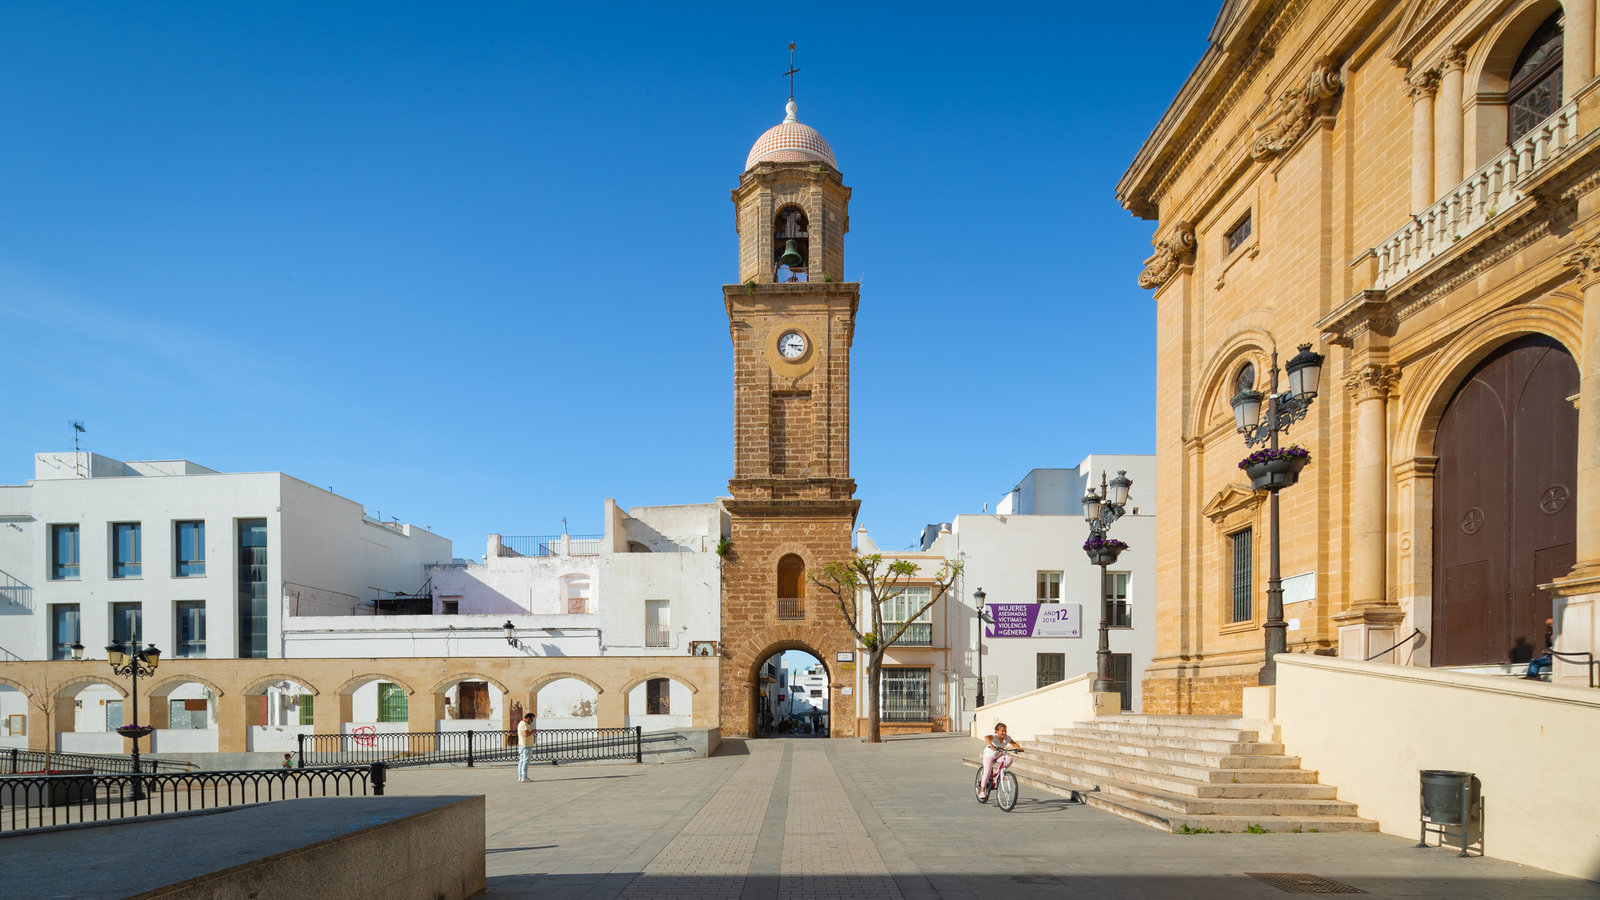 Torre del reloj ofreciendo elementos del patrimonio